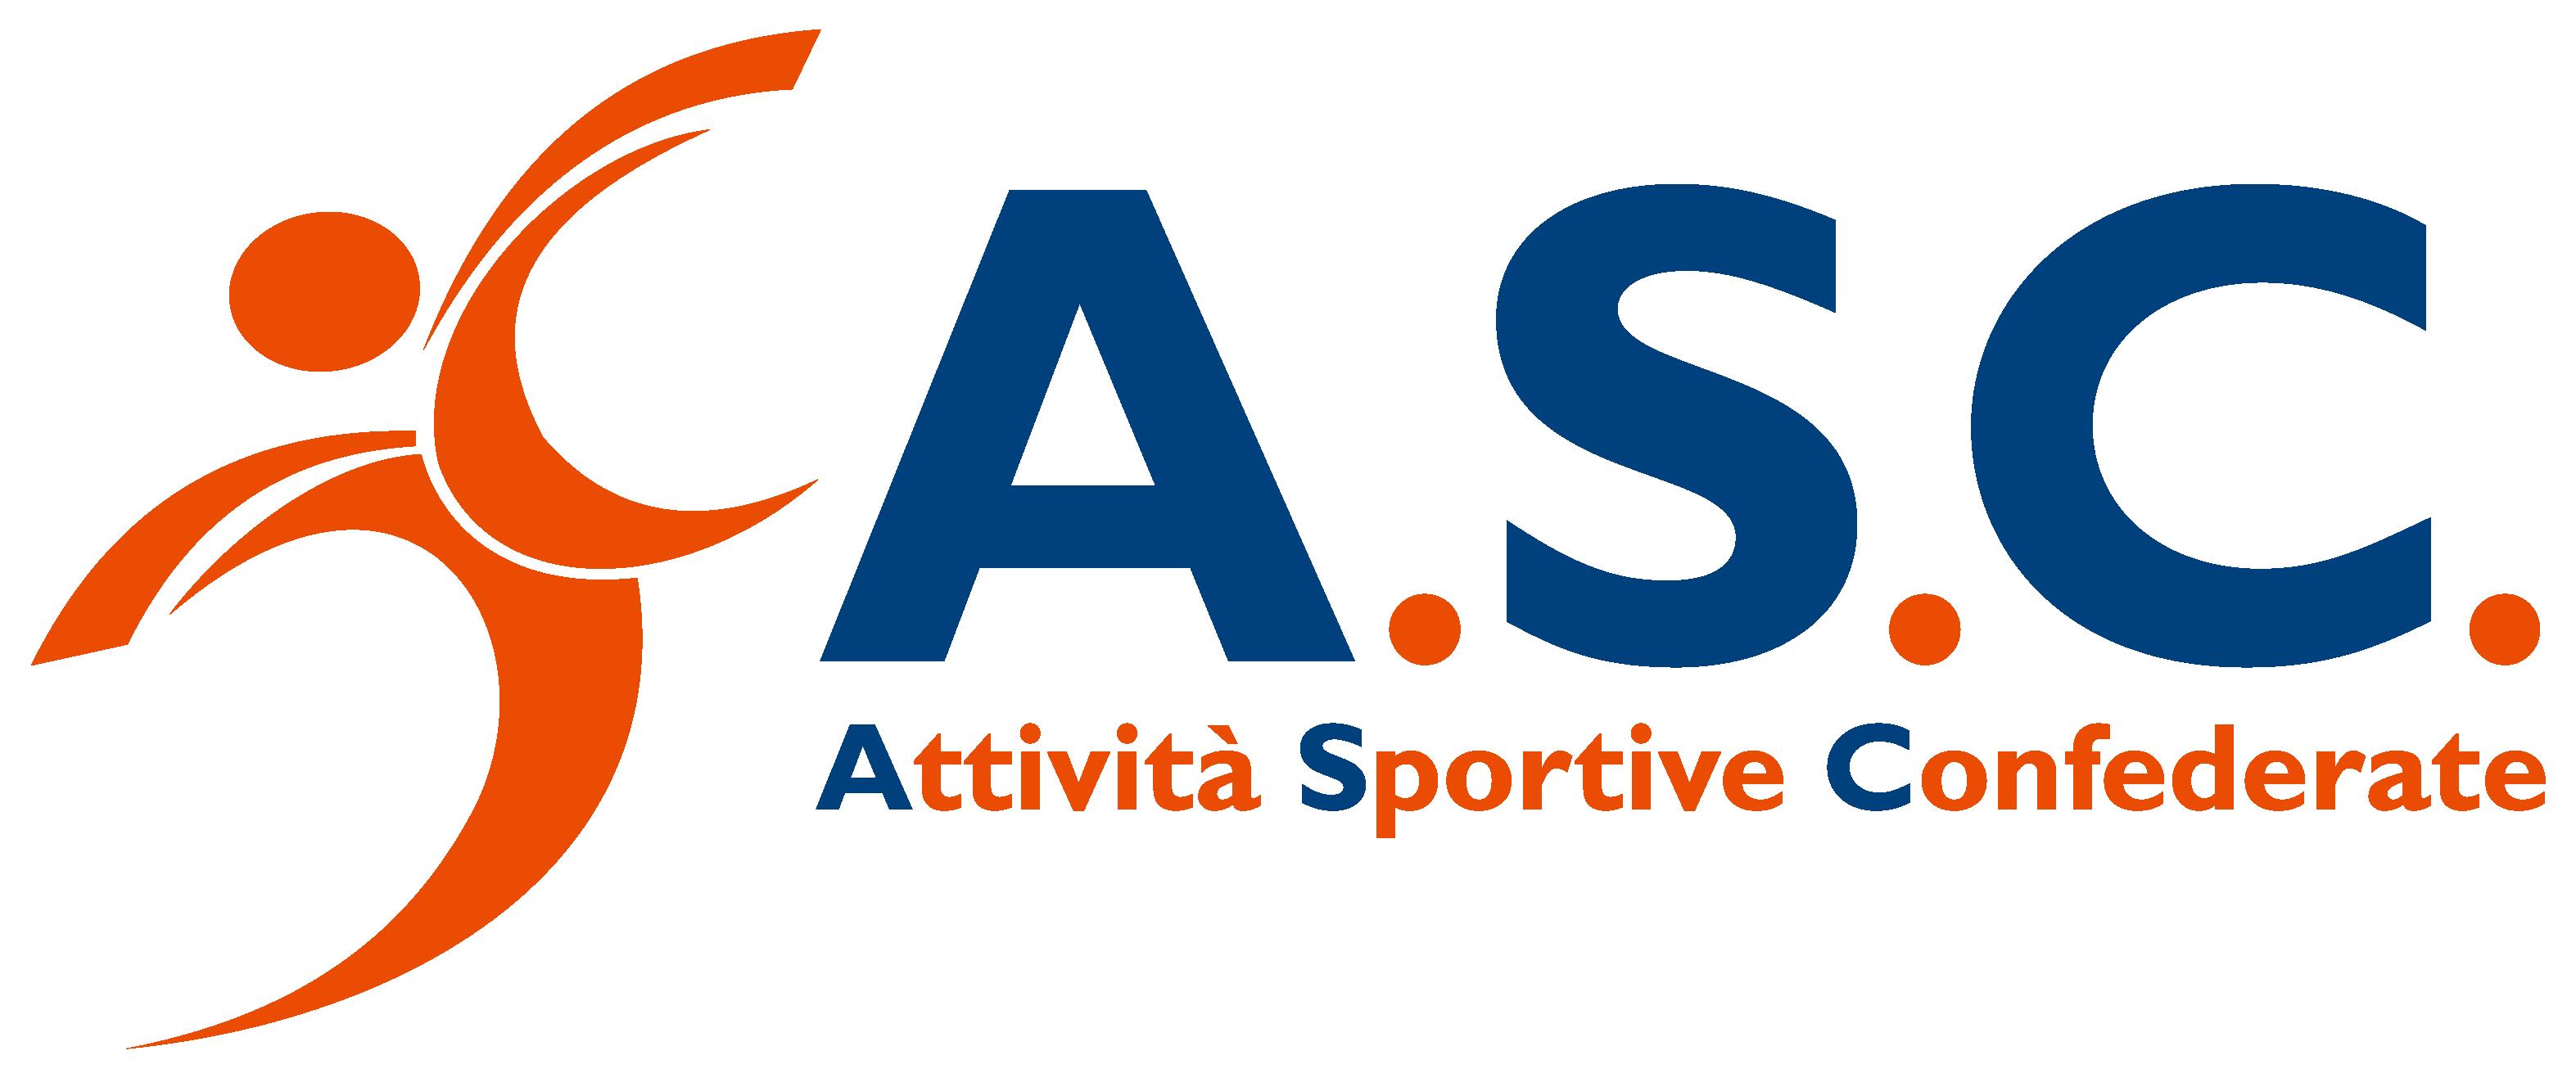 Calendario Gare Febbraio - Marzo ASC Danza approvato FIDS